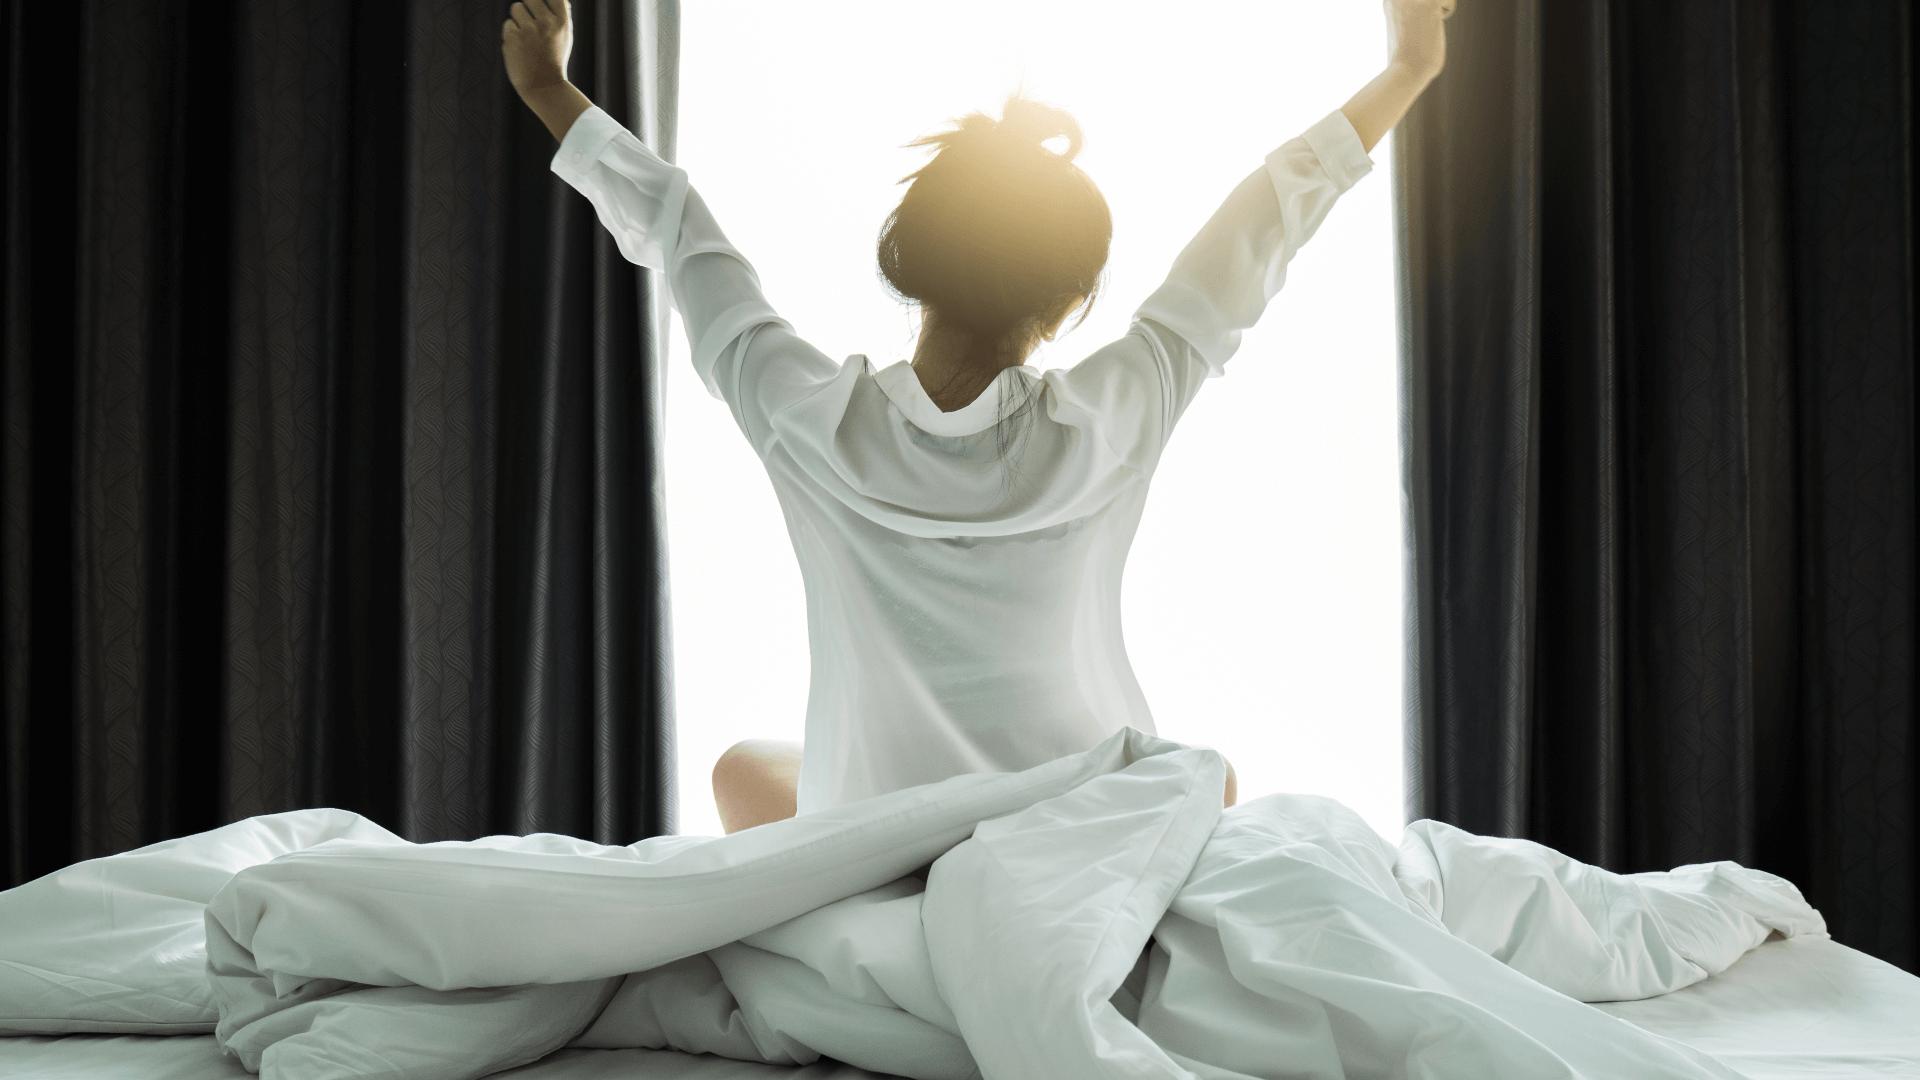 Früh aufstehen: Tipps um die Morgenschicht gut zu überstehen